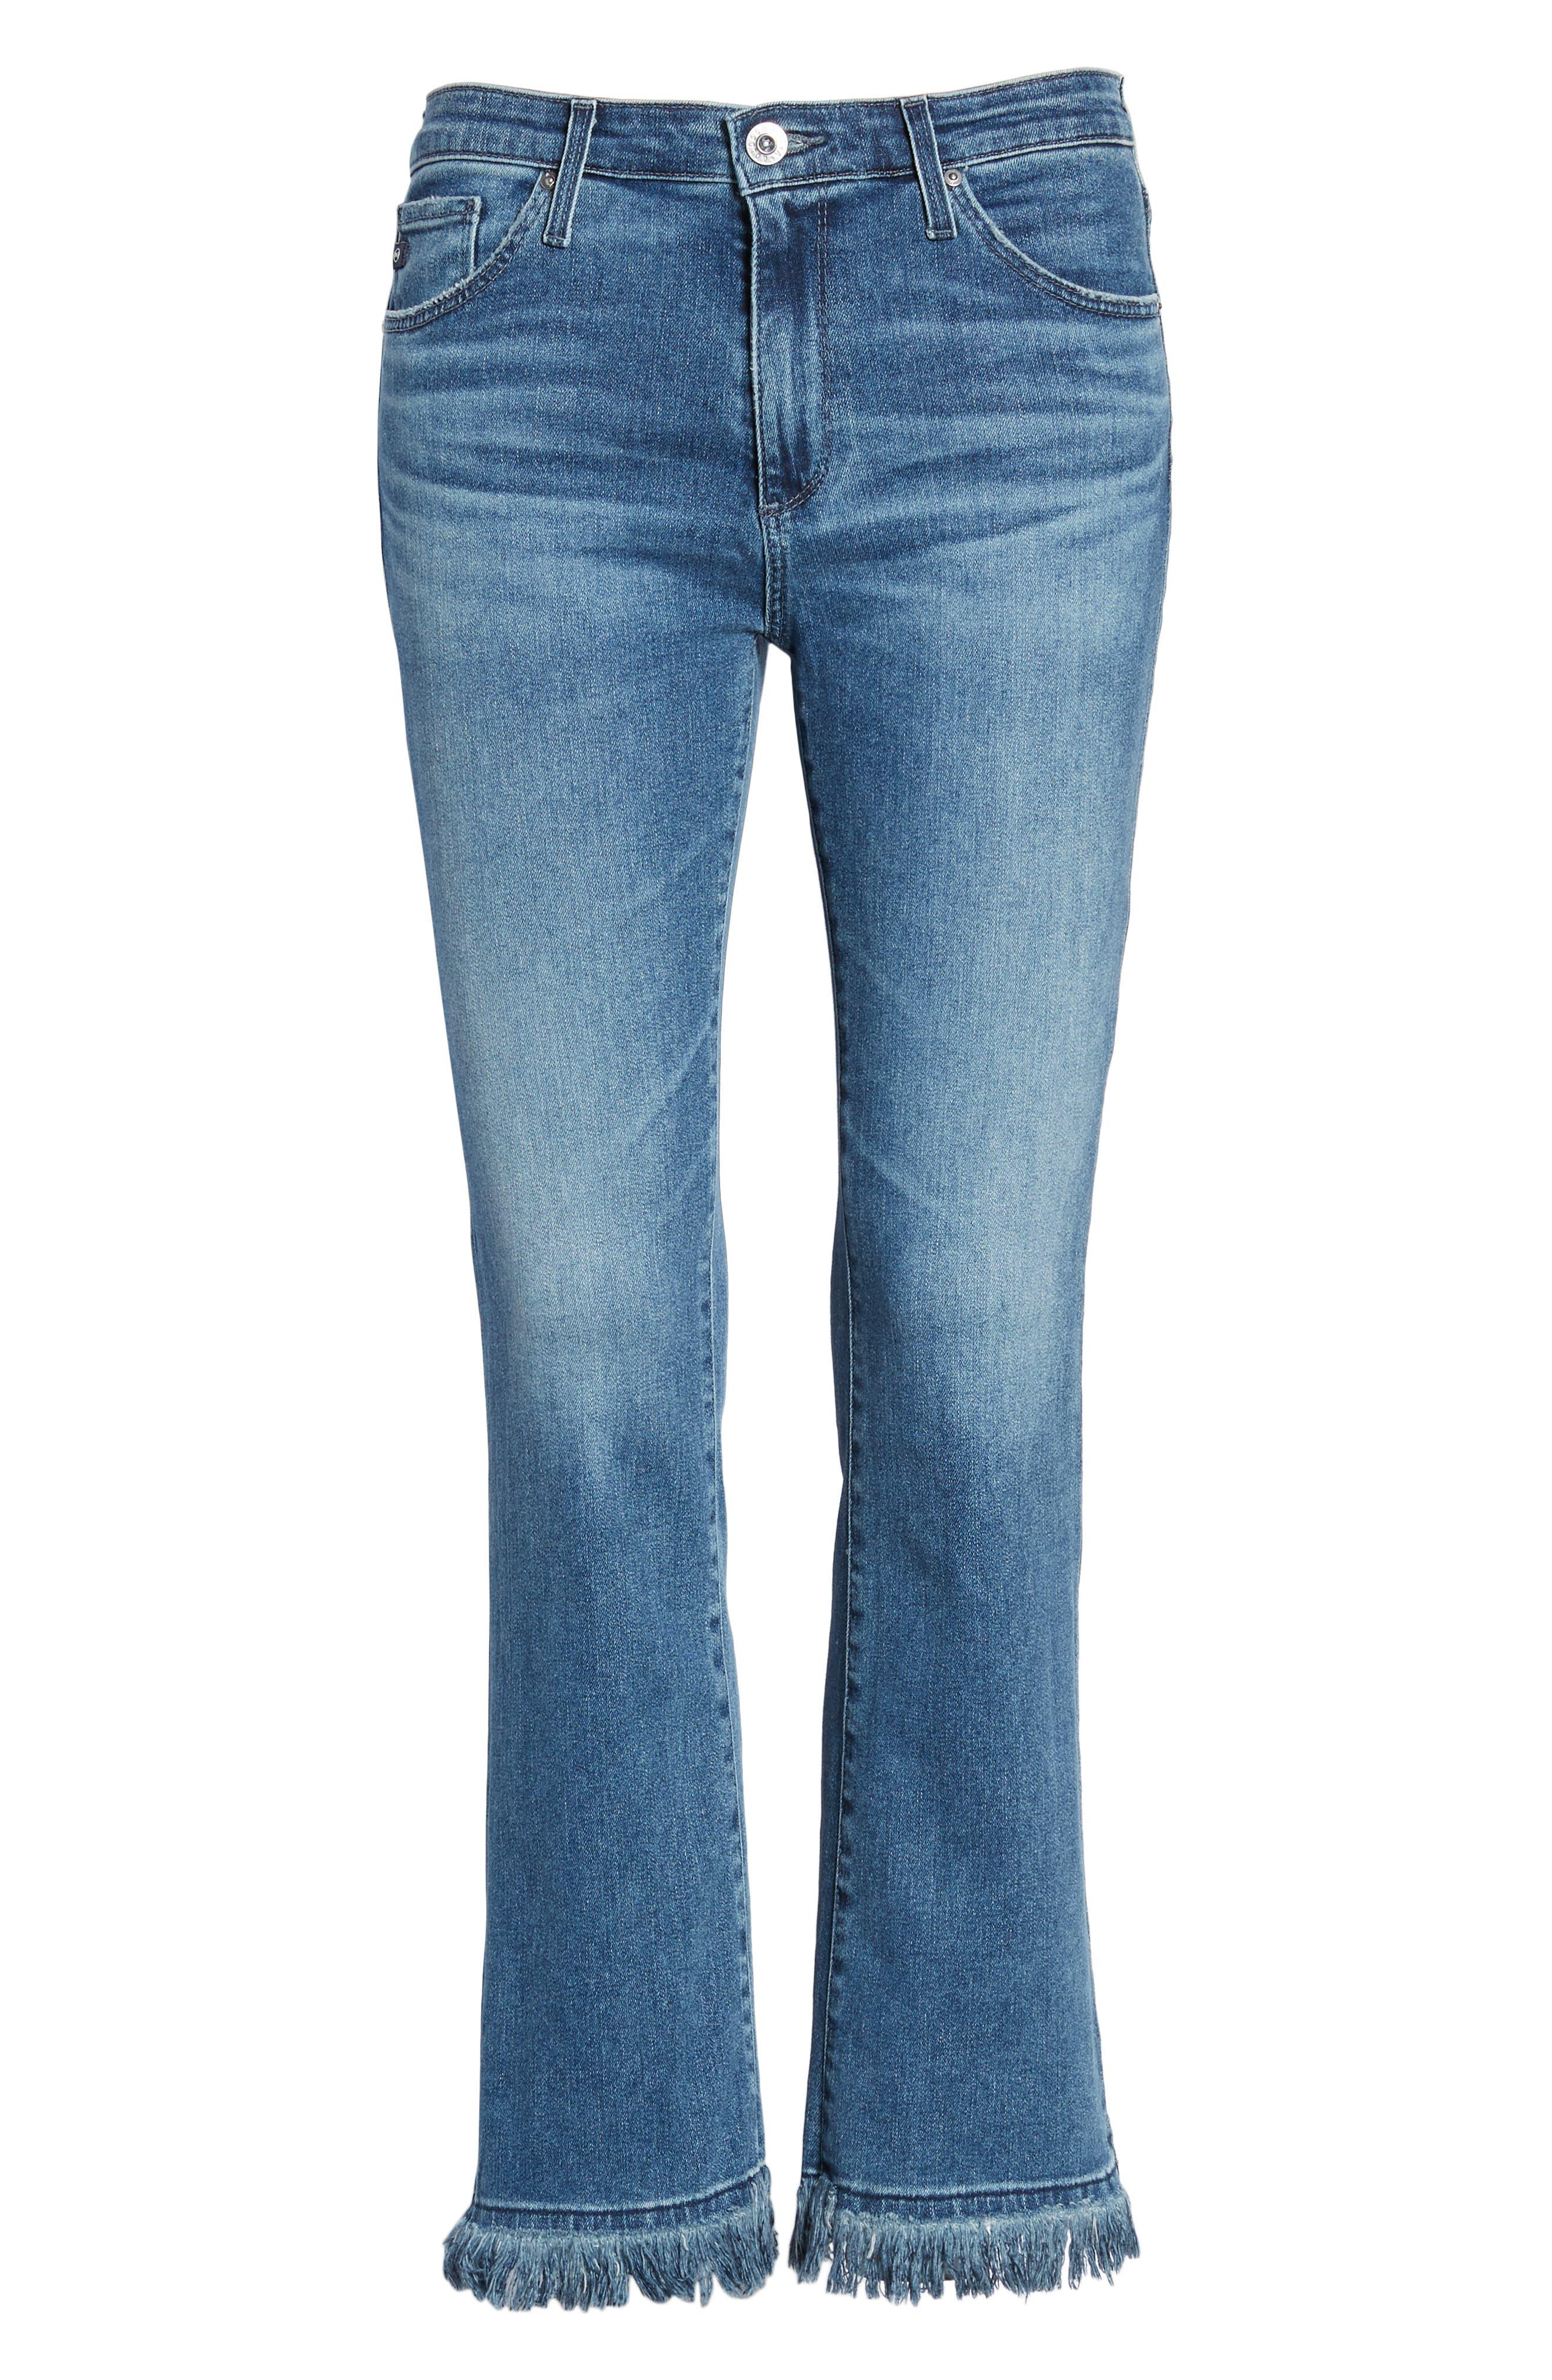 Jodi Crop Fringe Jeans,                             Alternate thumbnail 7, color,                             Pastoral Plains